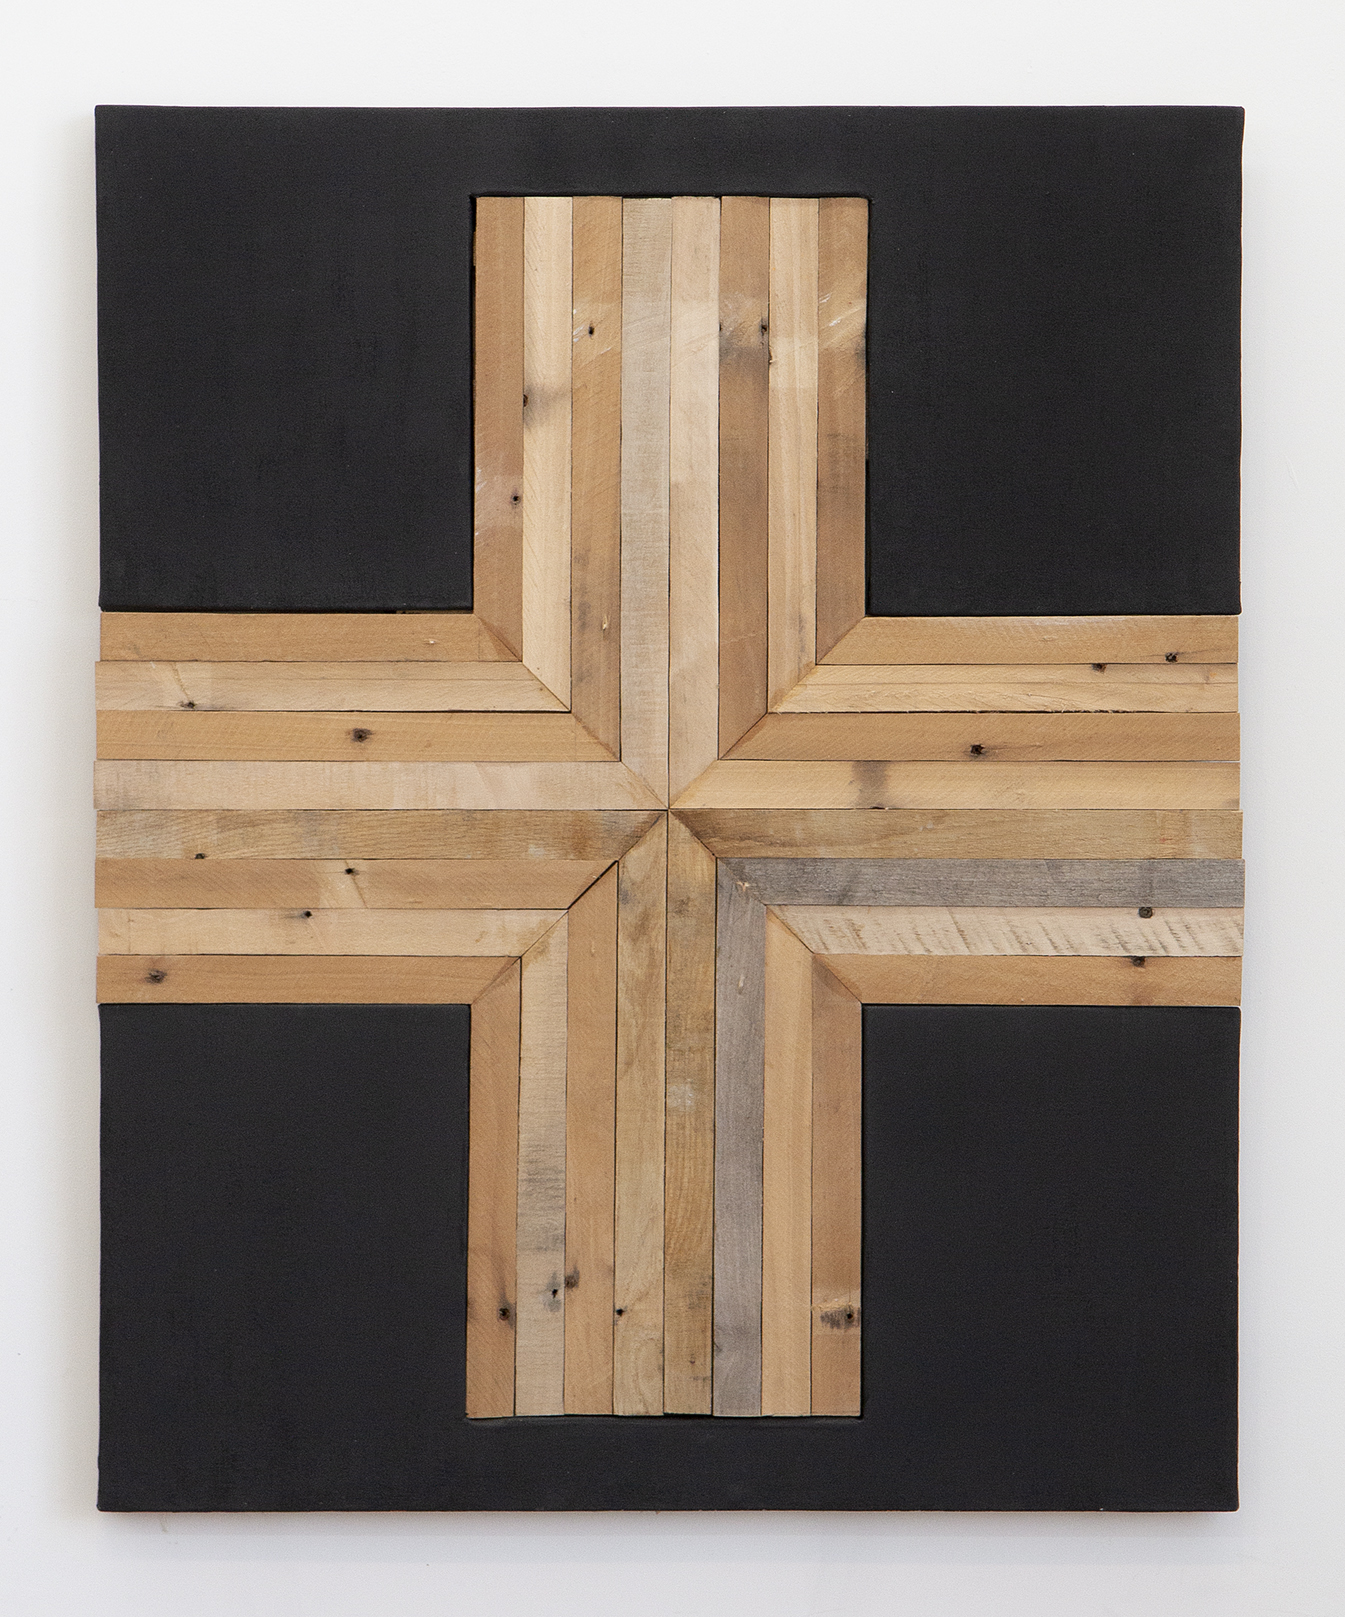 Chris Esposito, Material Elements 19